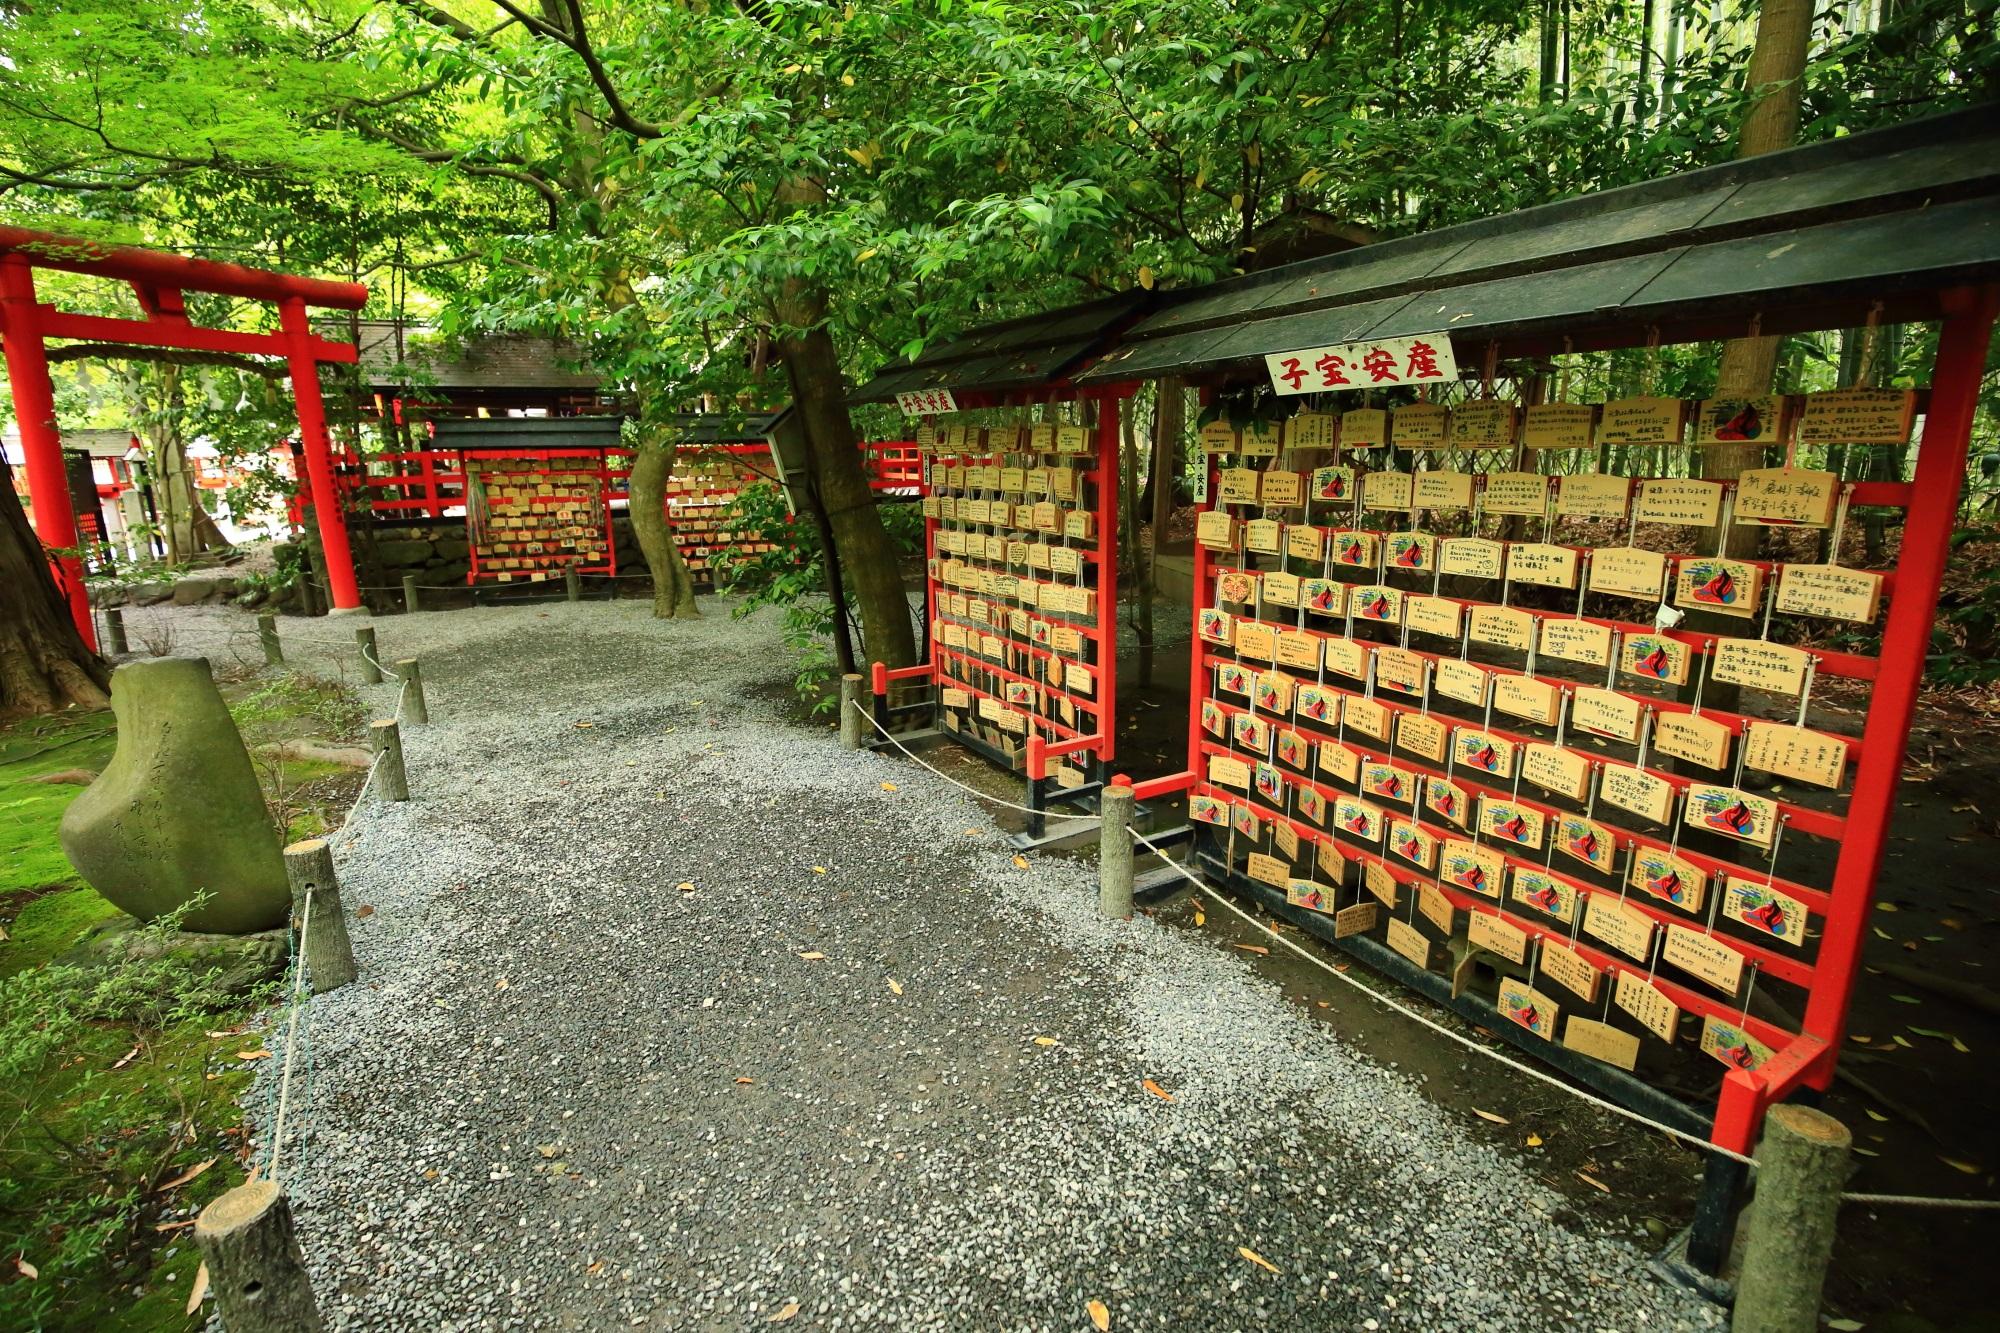 野宮神社の子宝安産祈願の絵馬掛け所